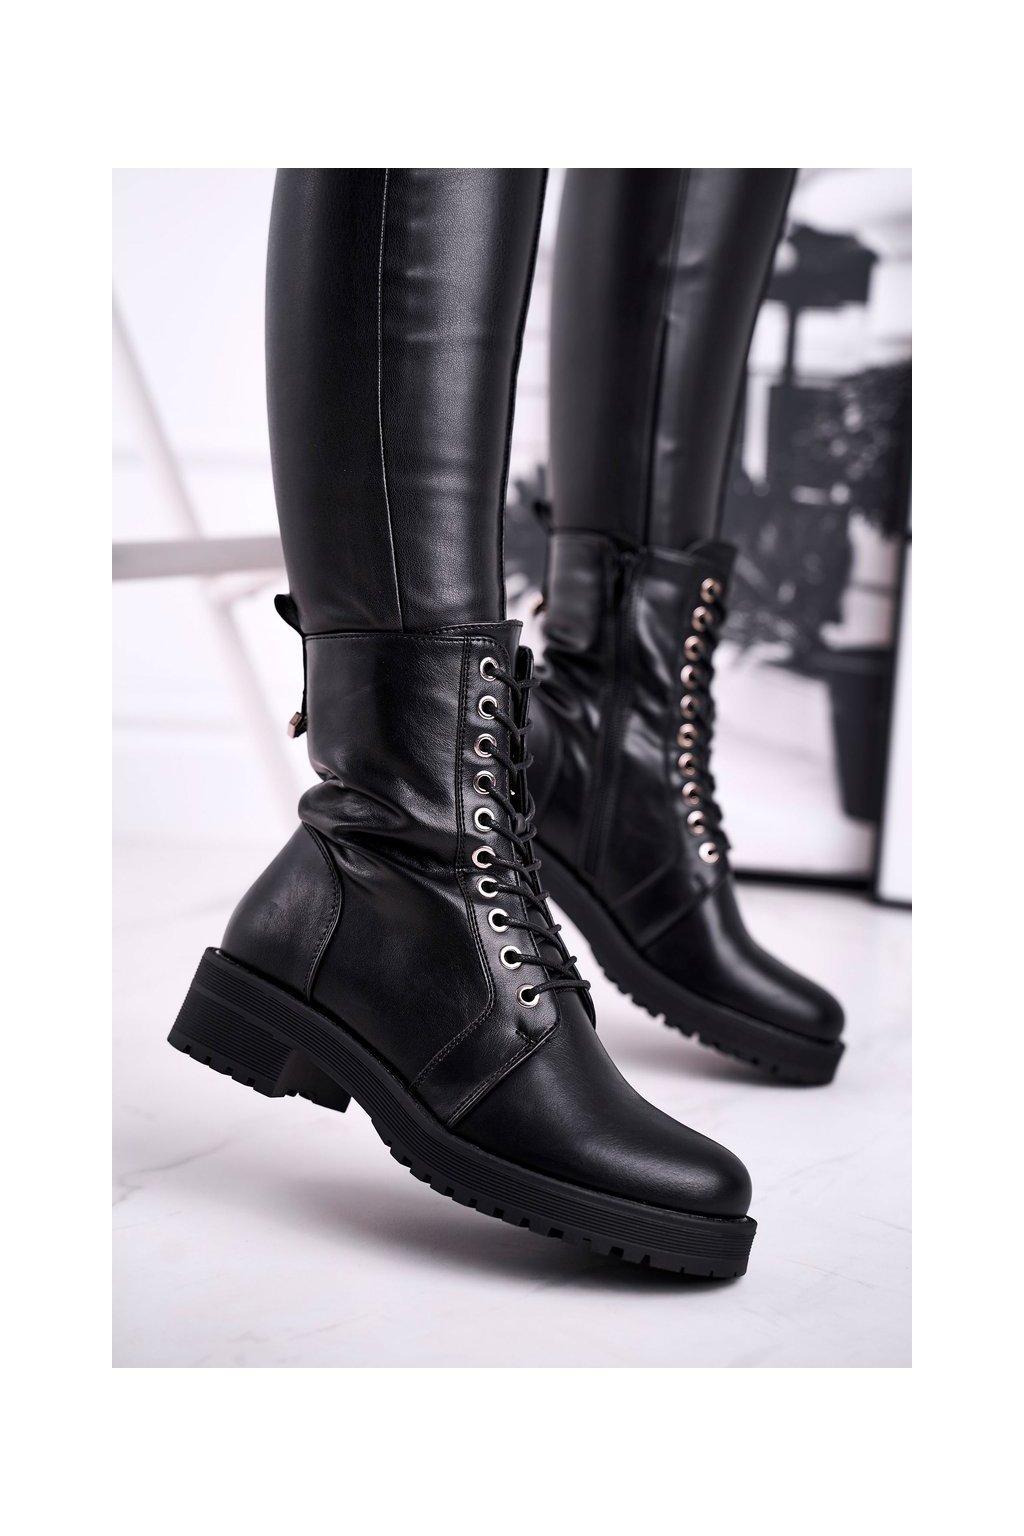 Členkové topánky na podpätku farba čierna kód obuvi C758 BLK